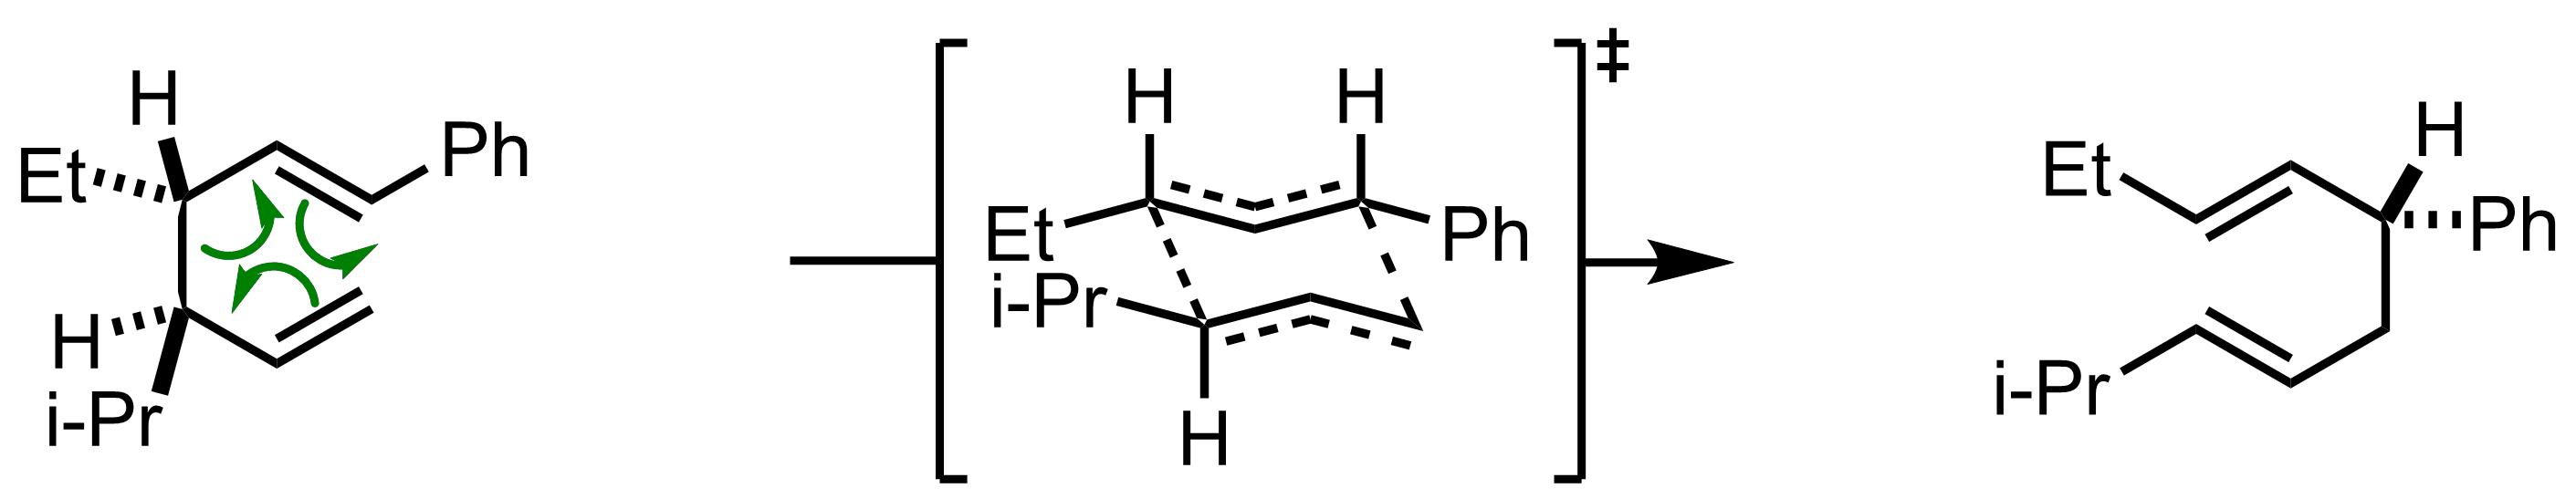 Mechanism of the Cope Rearrangement